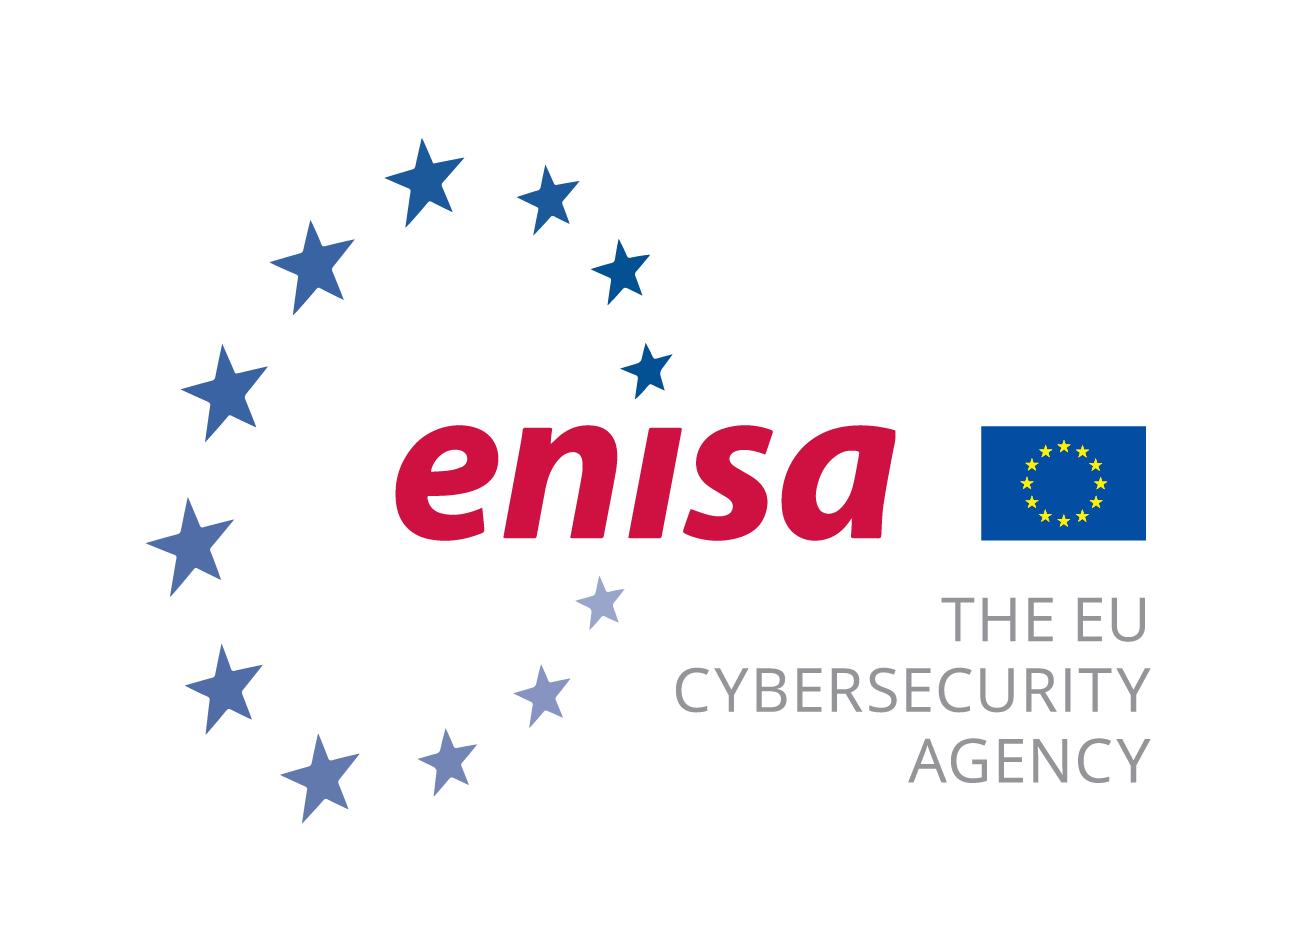 ENISA Threat Landscape 2020: 'Cybersecurity staat voor enorme uitdaging door coronapandemie'